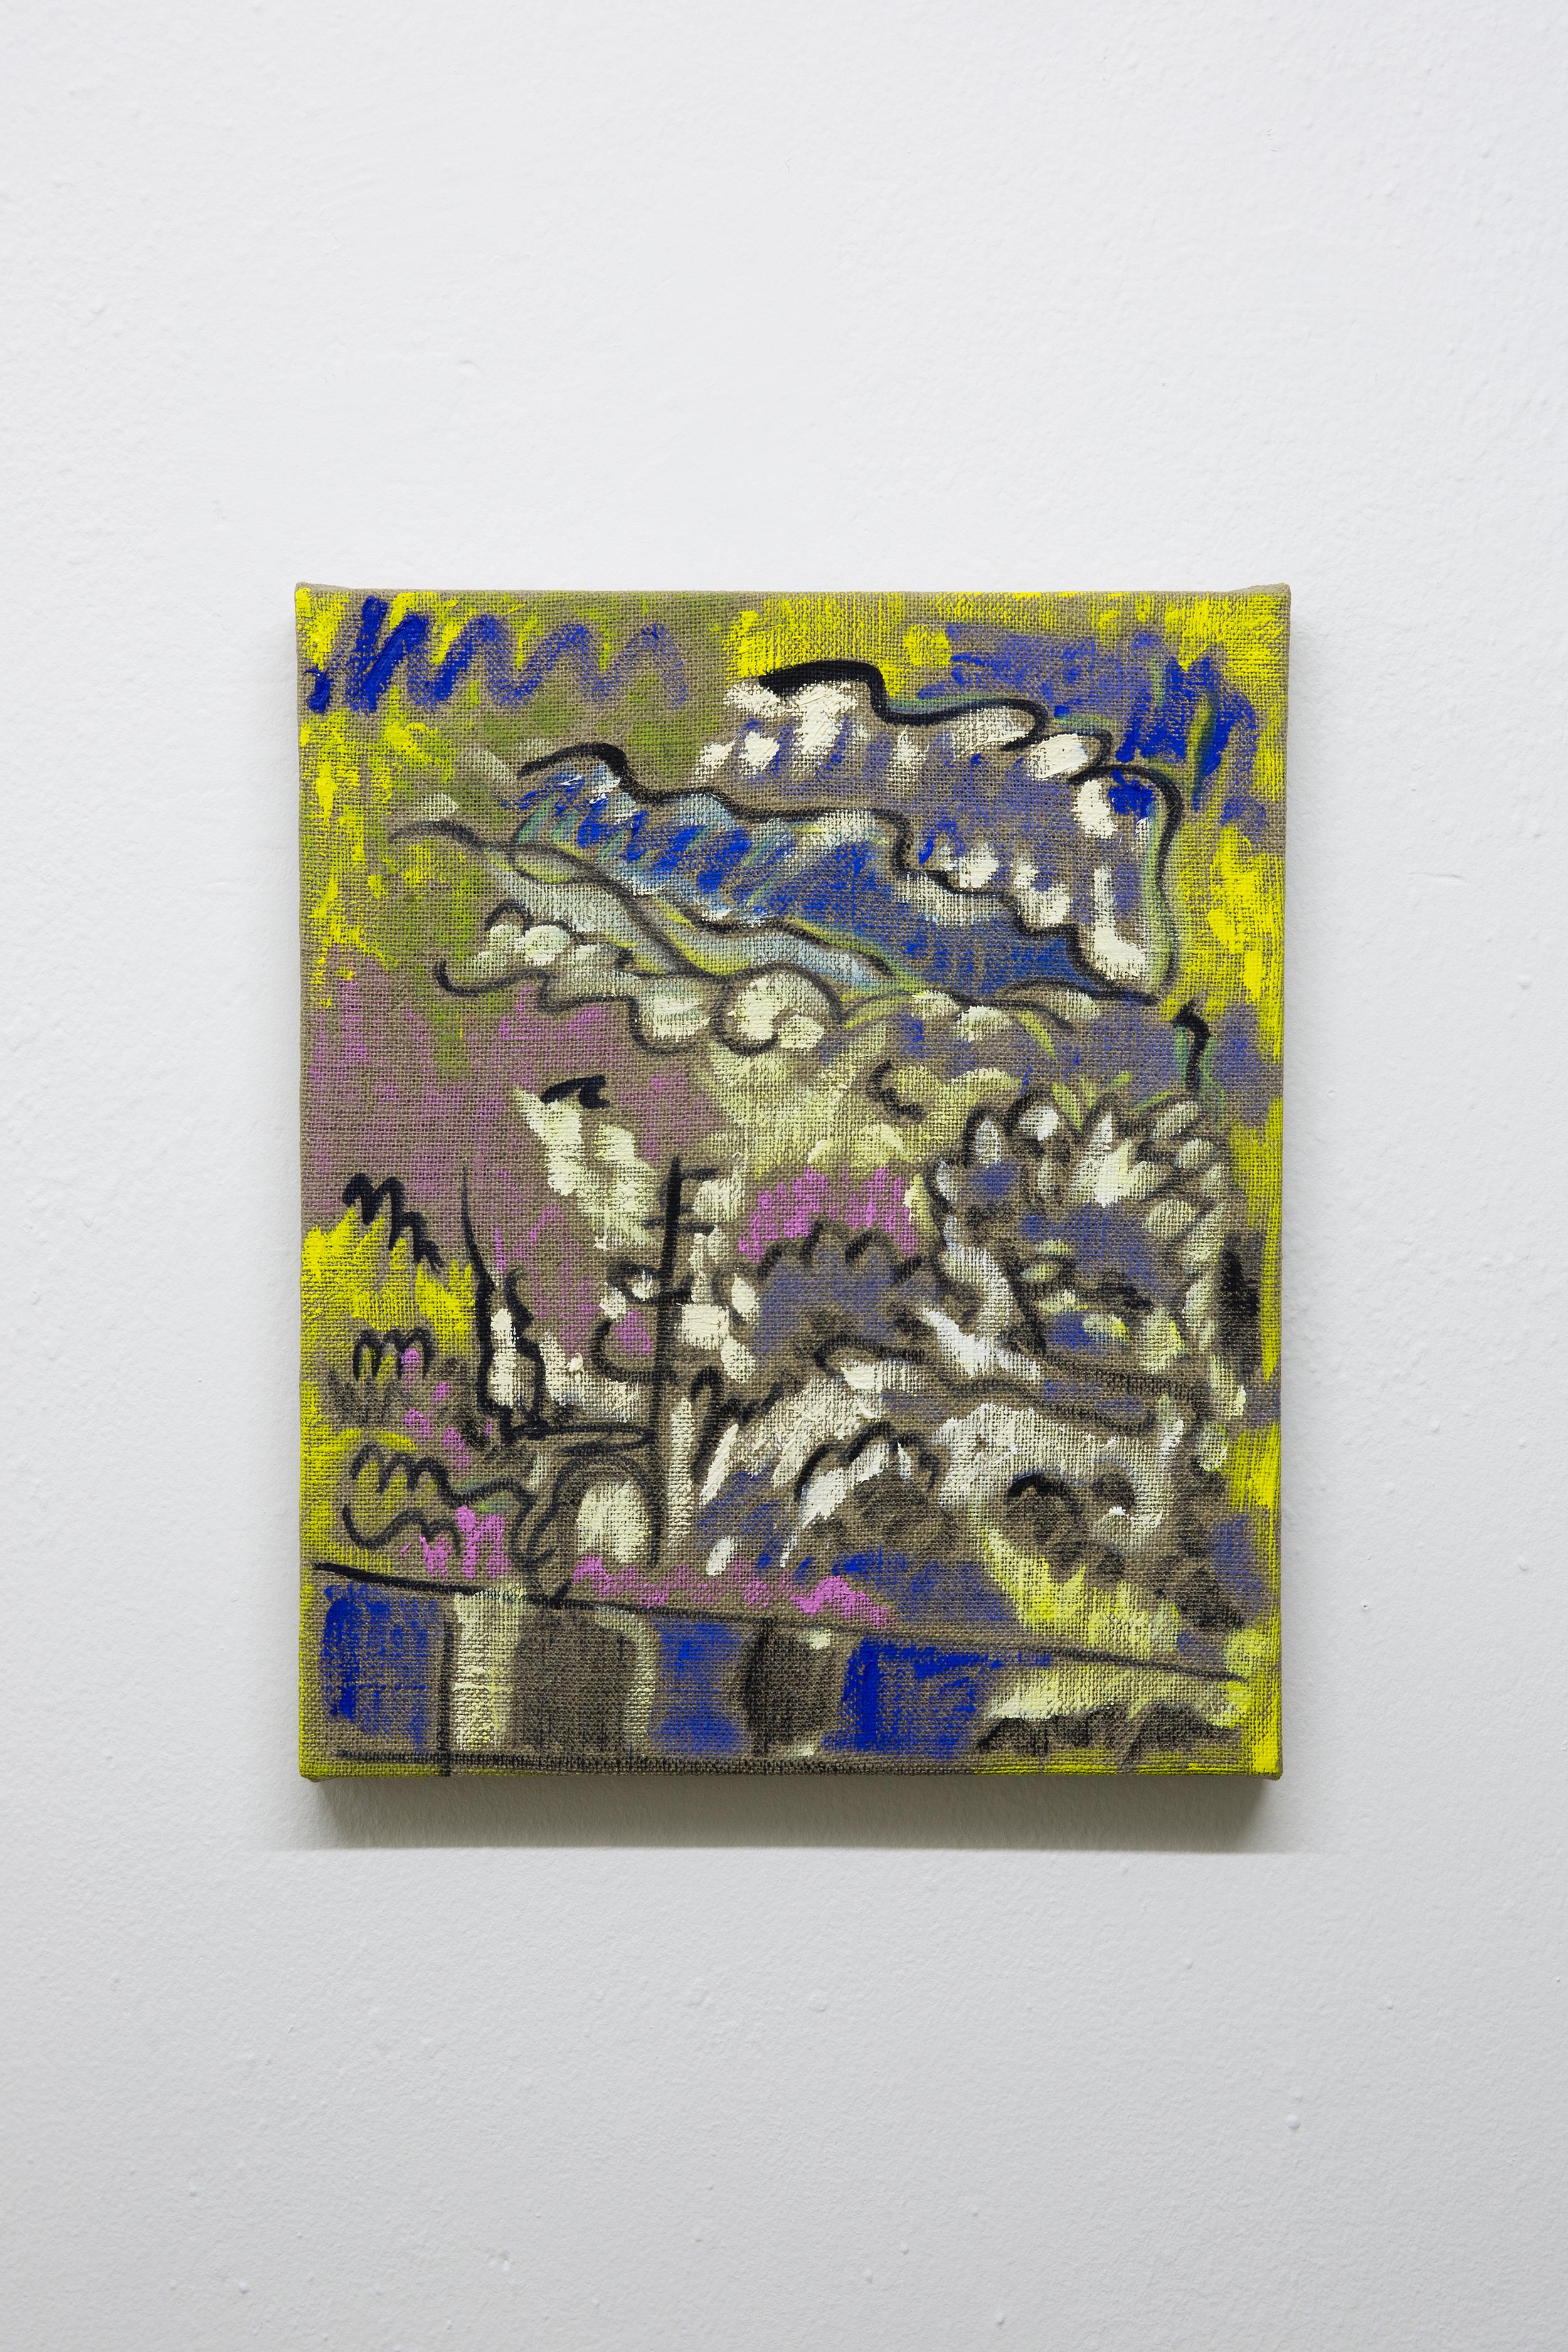 Ryan Nord Kitchen, Greenmound, 2015. Oil on linen 12 x 10 inches (30 x 25cm)